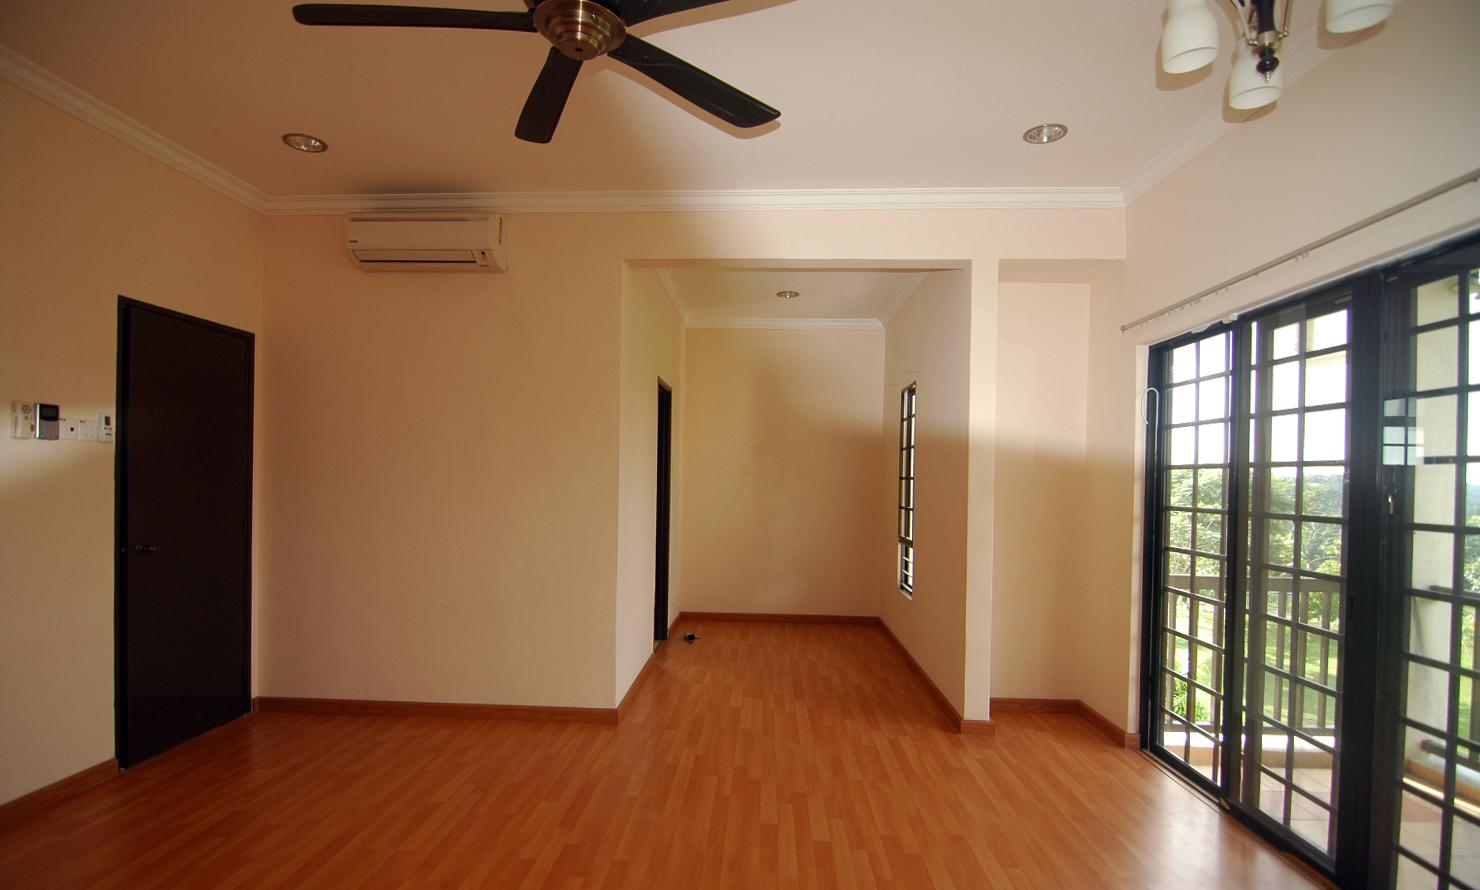 Pintu Masuk Sebelah Kiri Bilik Air Dan Wardrob Di Tengah Balkoni Kanan